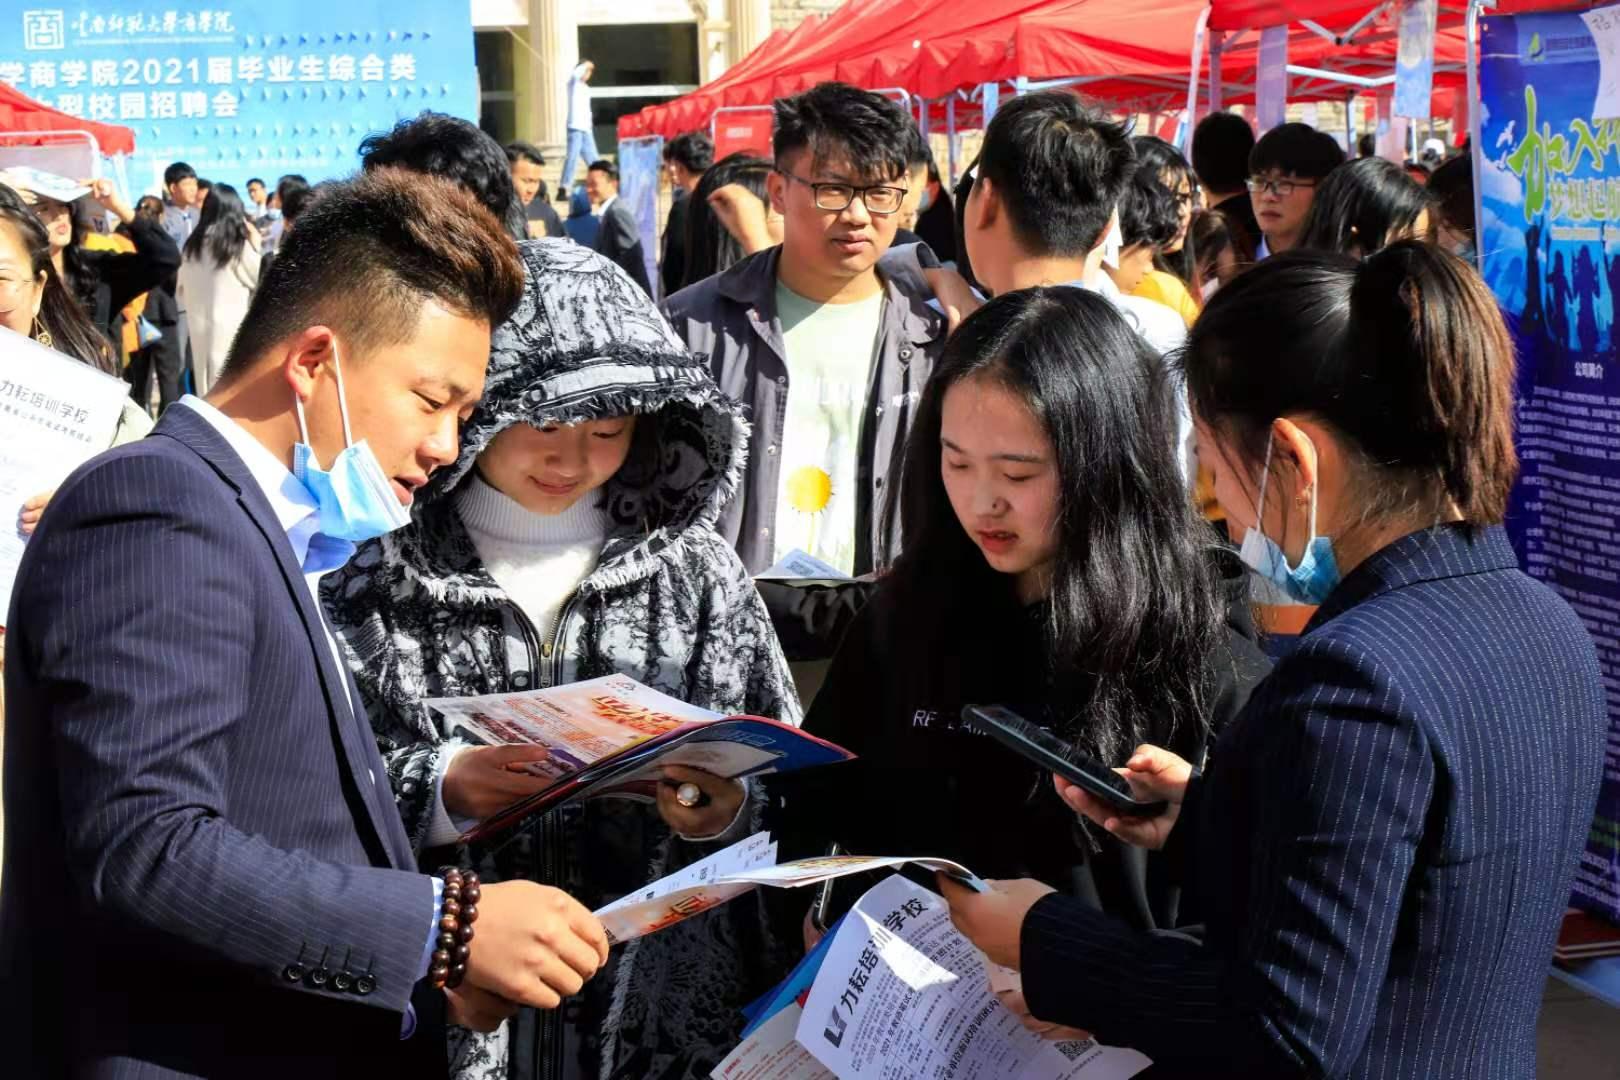 云南师大商学院:搭建就业创业平台 为毕业生提供优质就业契机